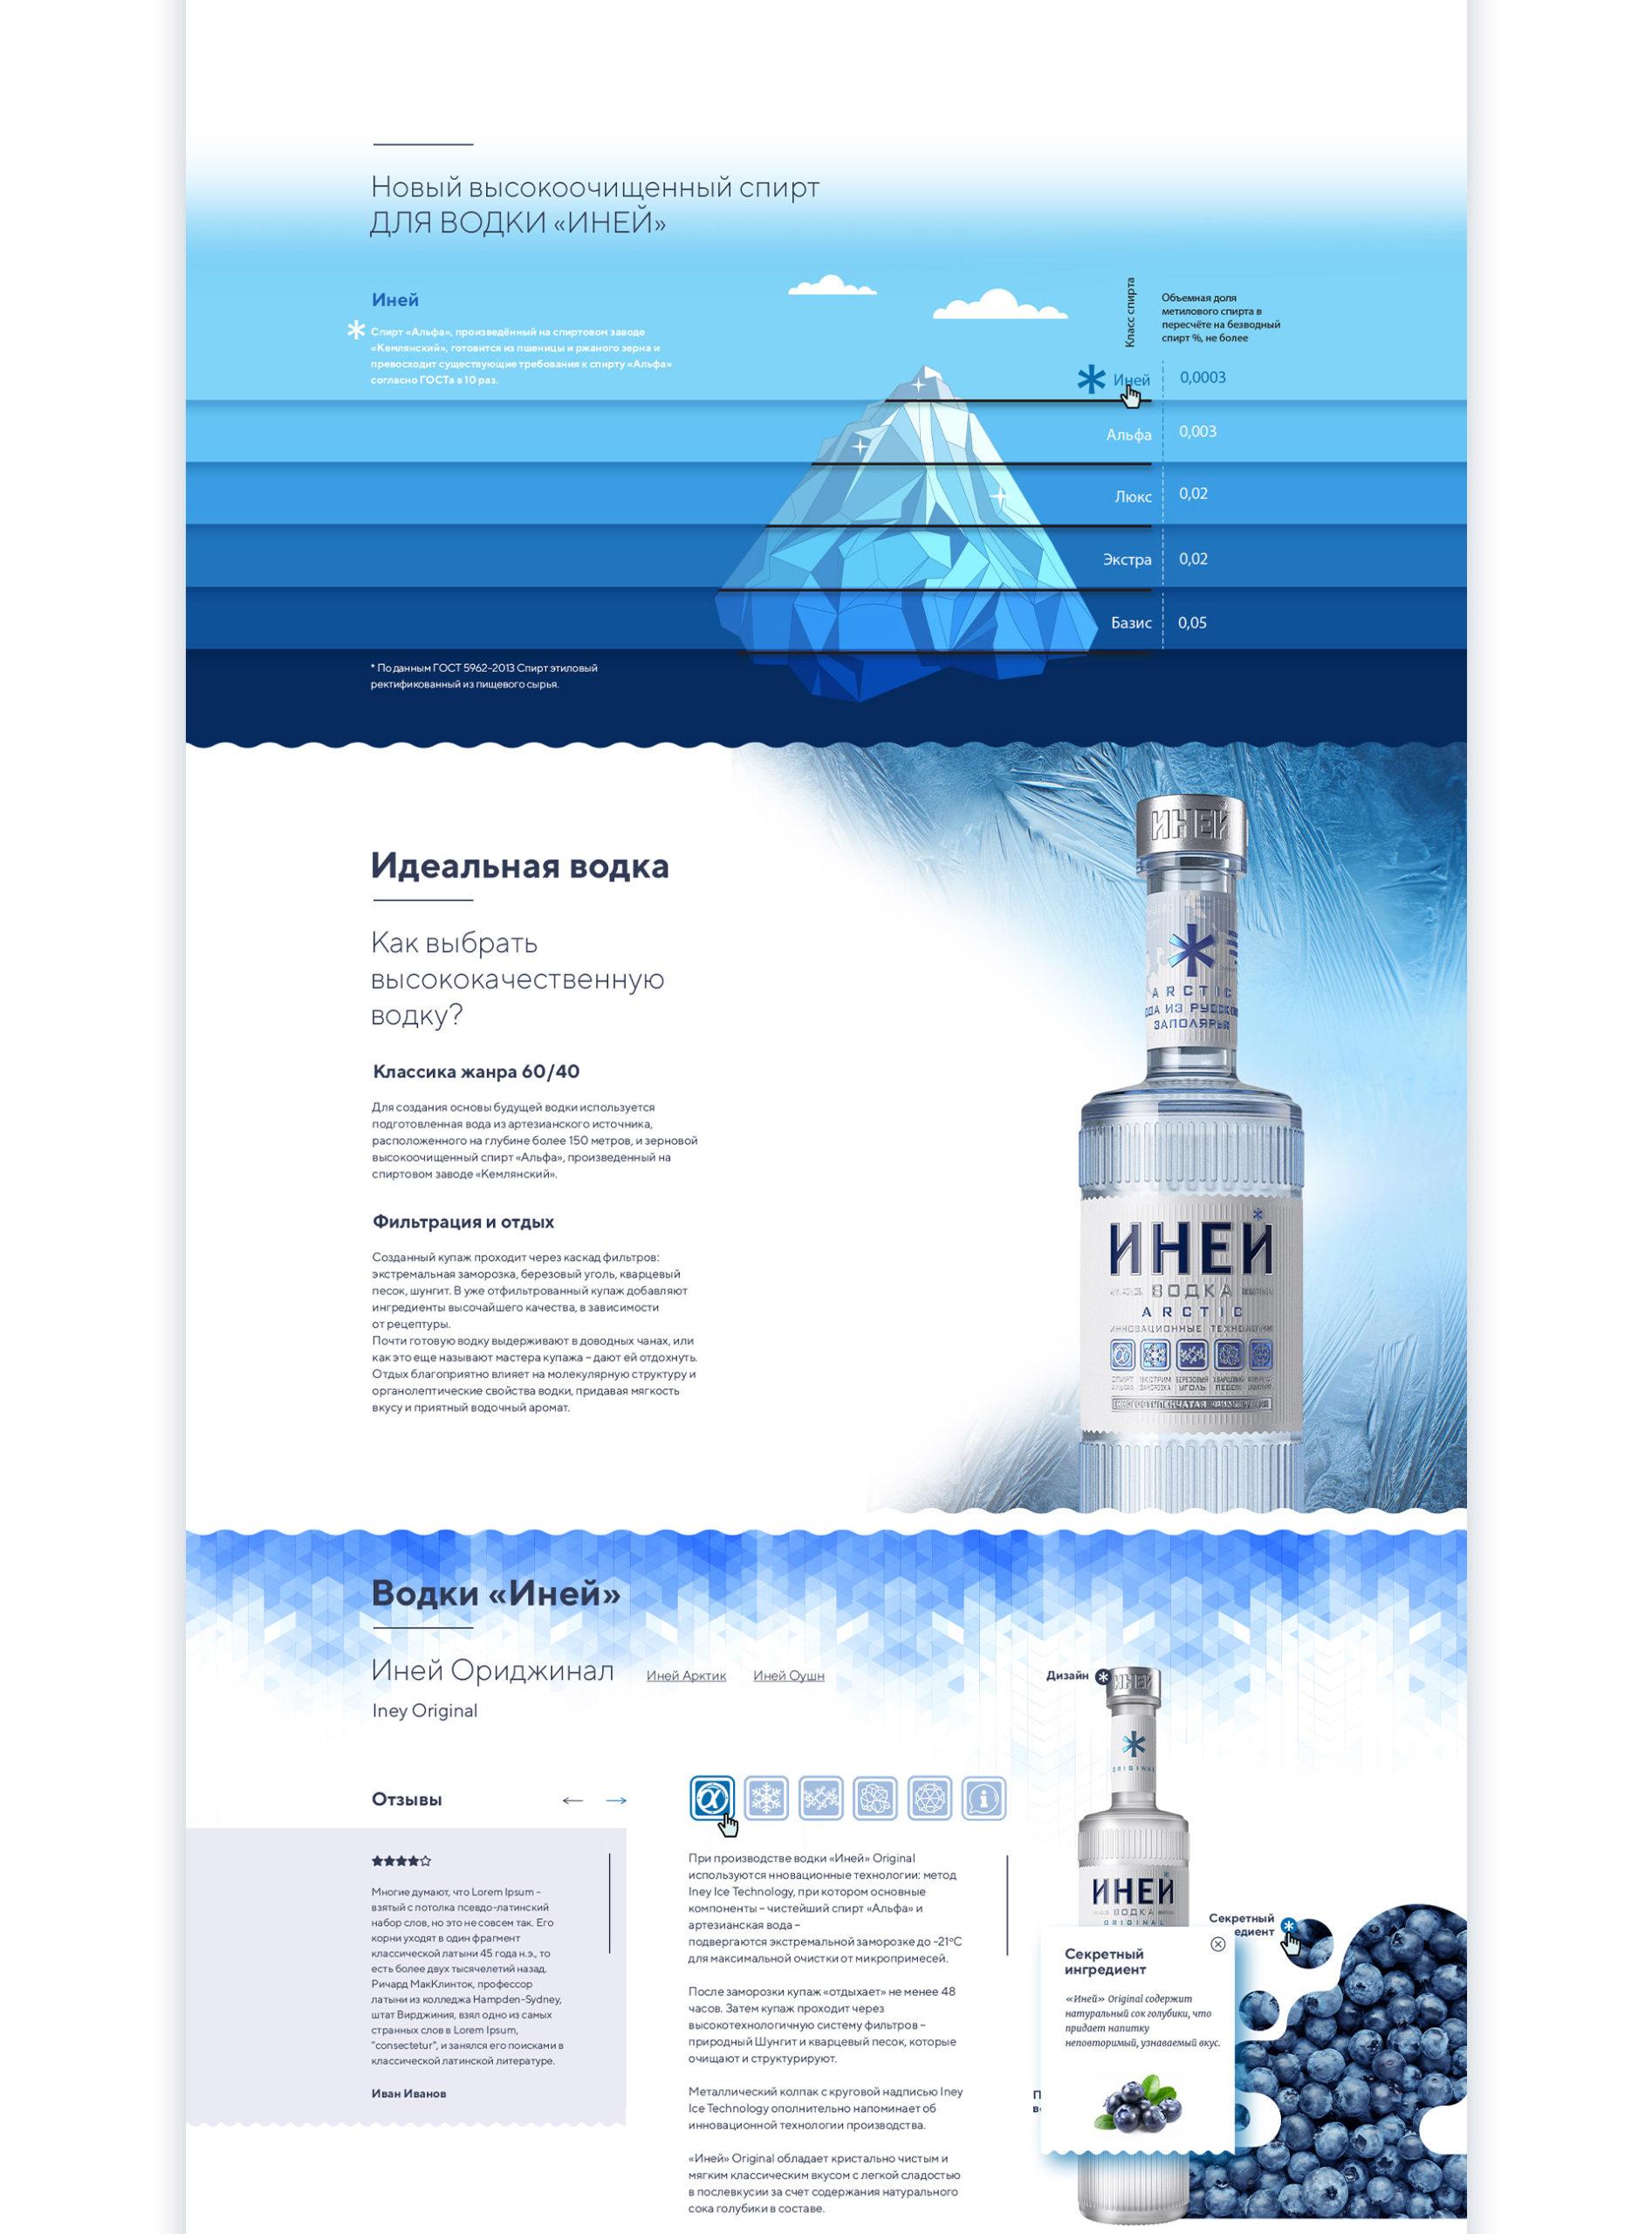 Дизайн страницы продающего лендинга для водки часть 2 инфографика